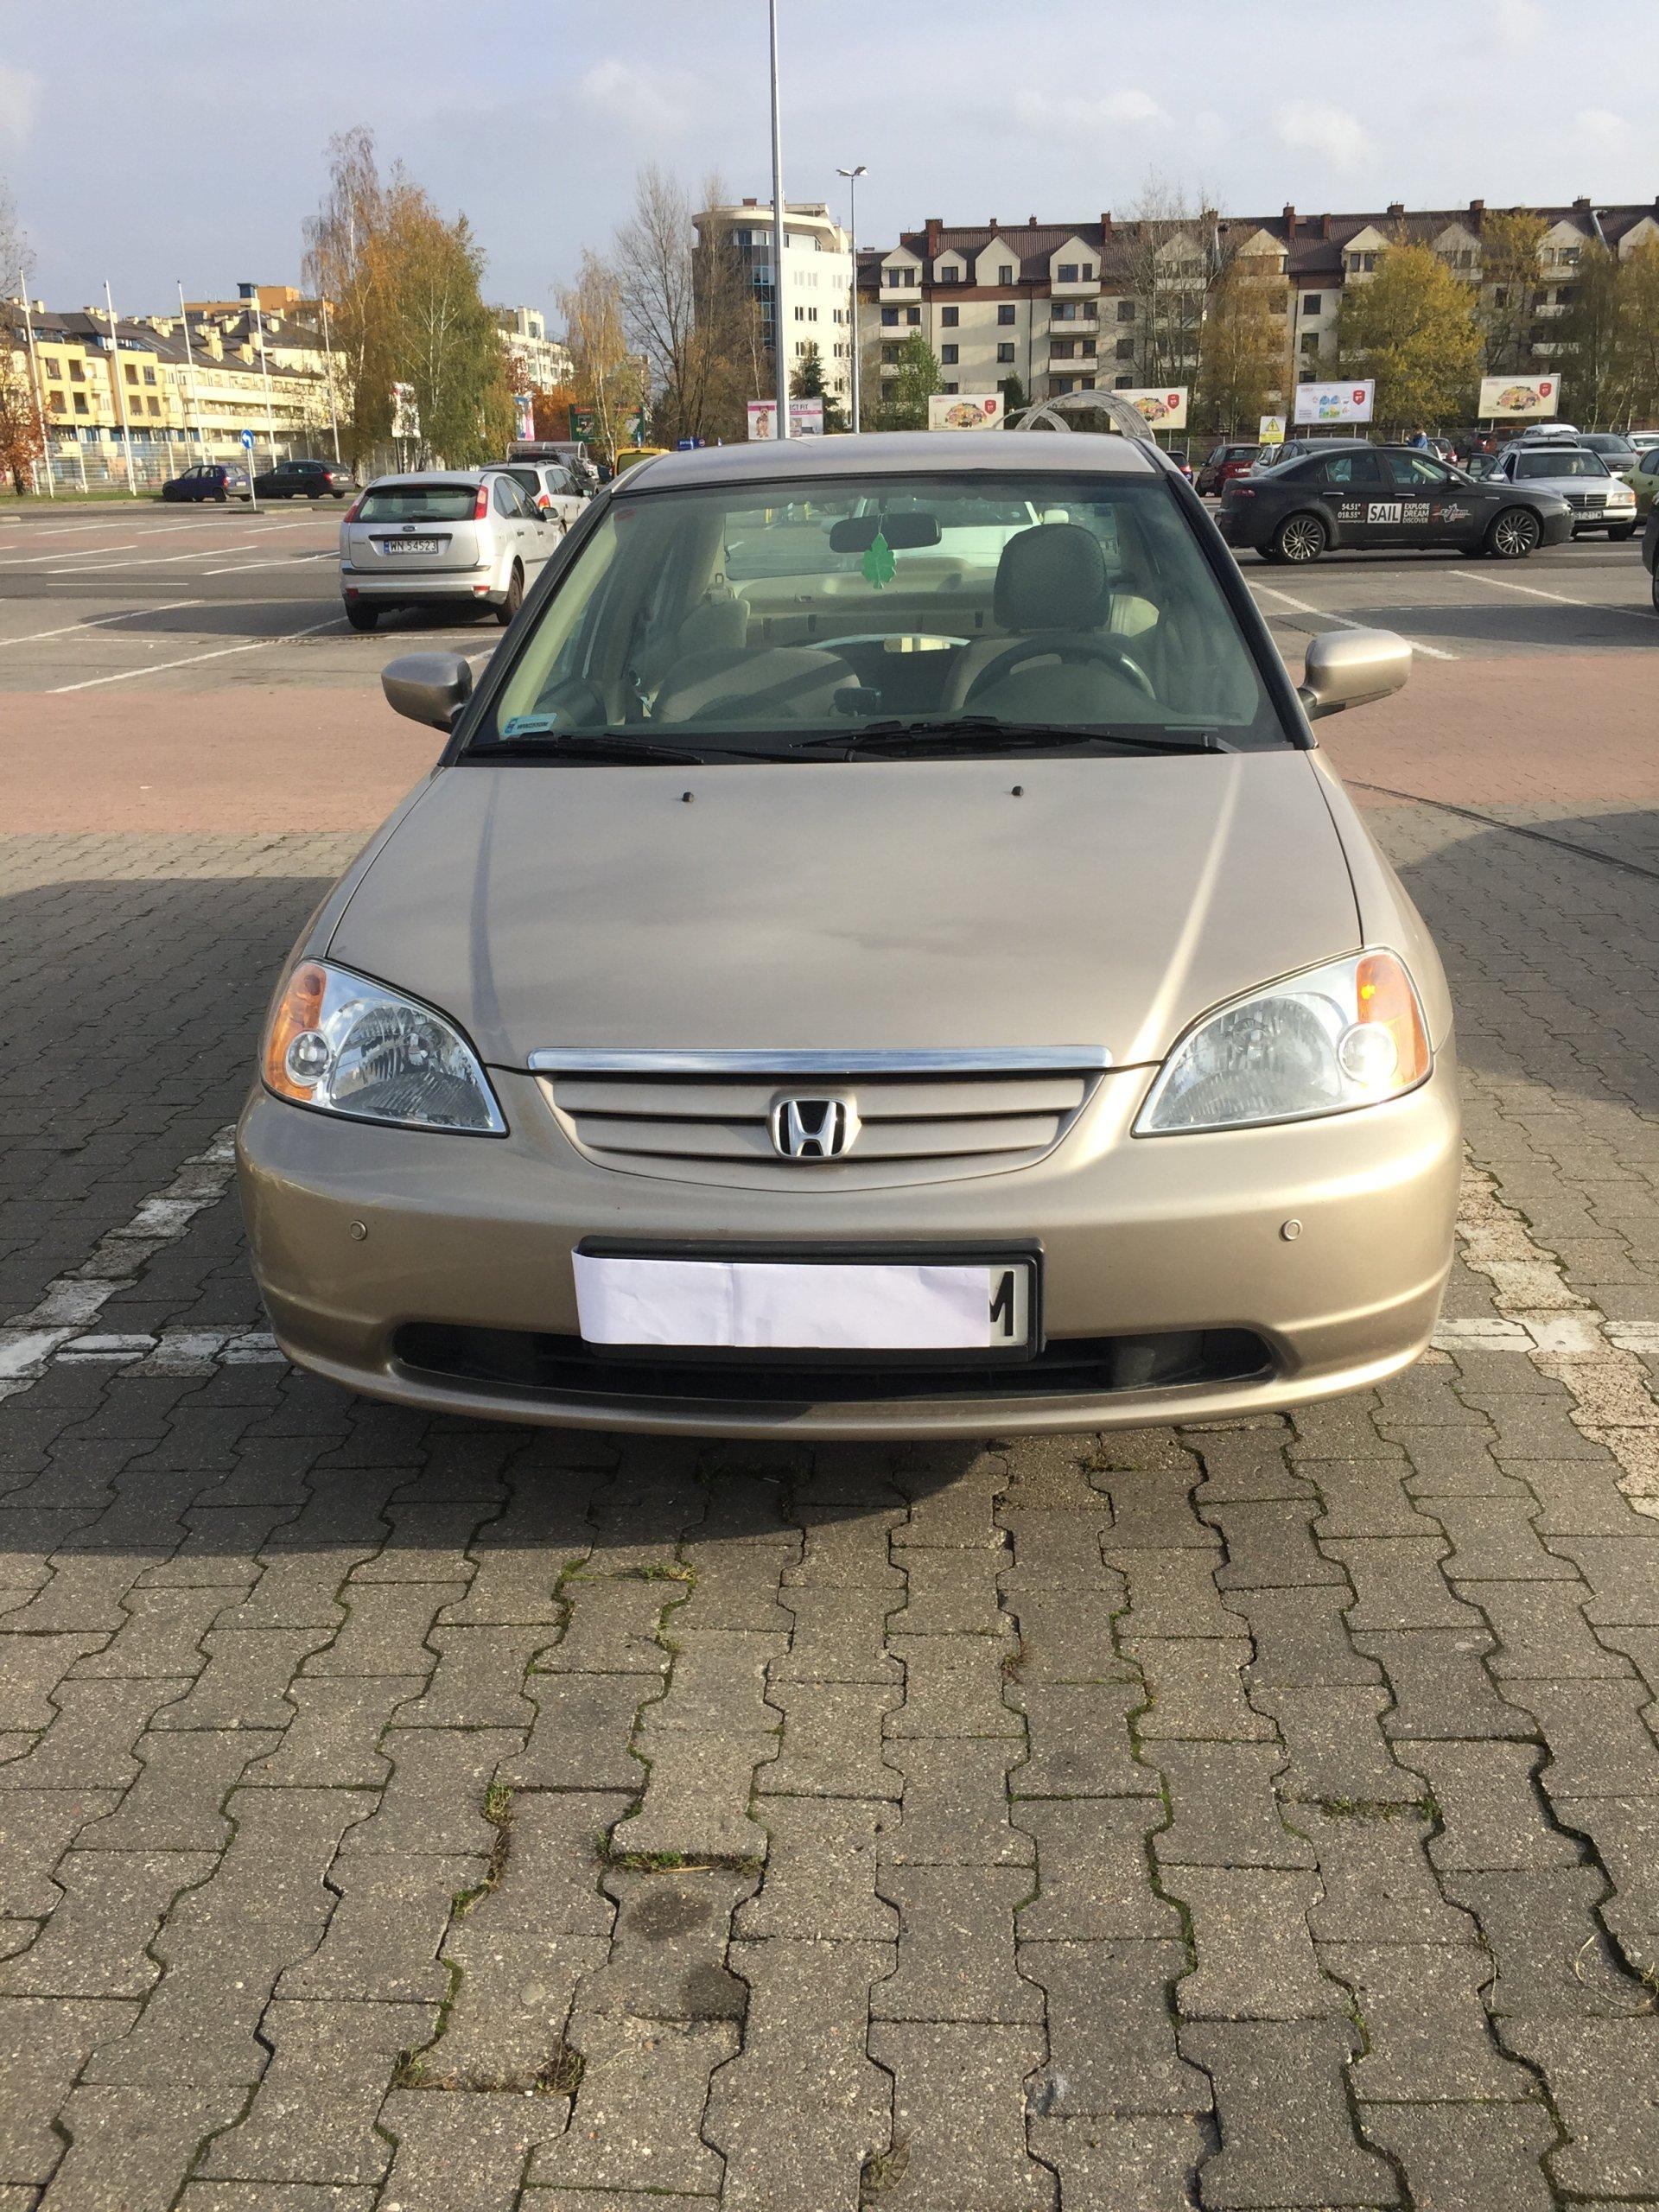 Honda Civic 2003 7033910090 Oficjalne Archiwum Allegro